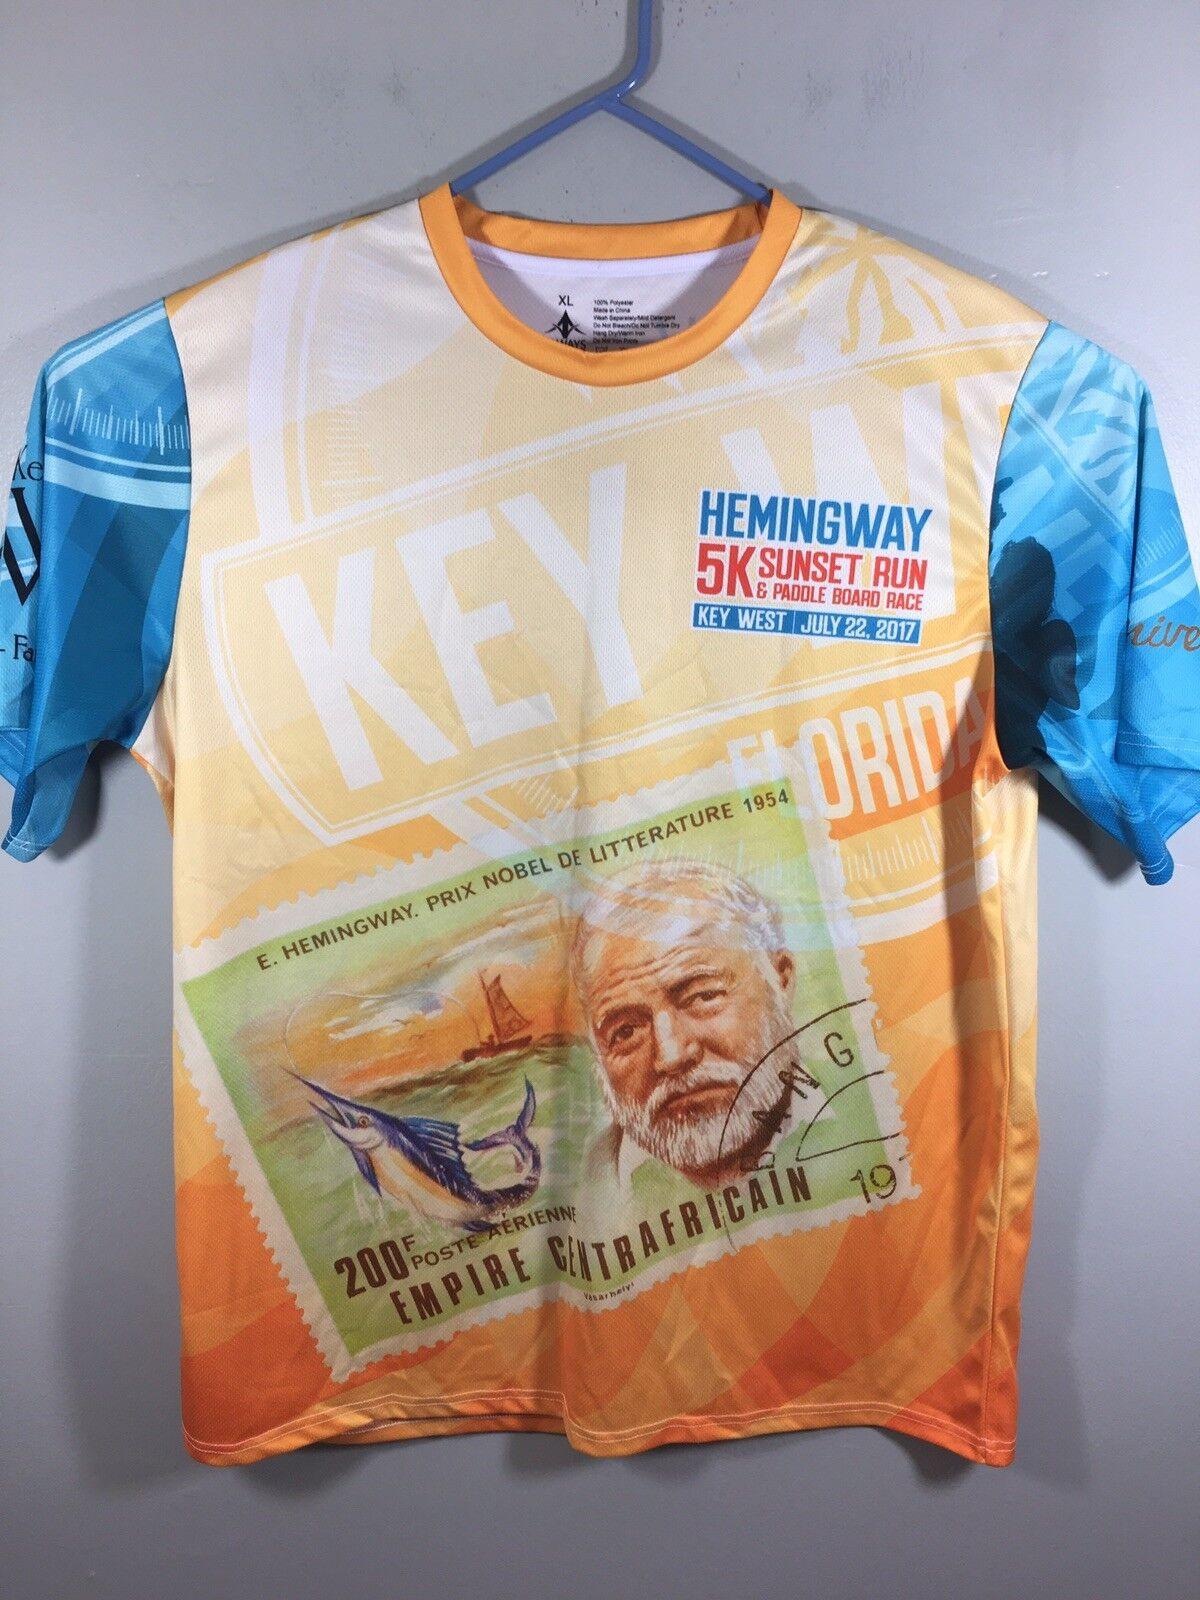 Hemingway 5K Key West Sunset Run Shirt Size XL 2017 Gold Blue